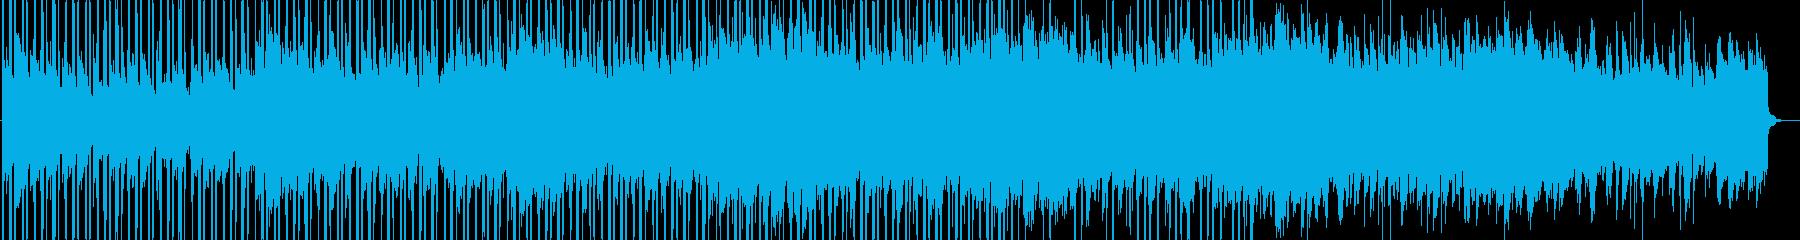 綺麗で感動的なクリーンBGMの再生済みの波形